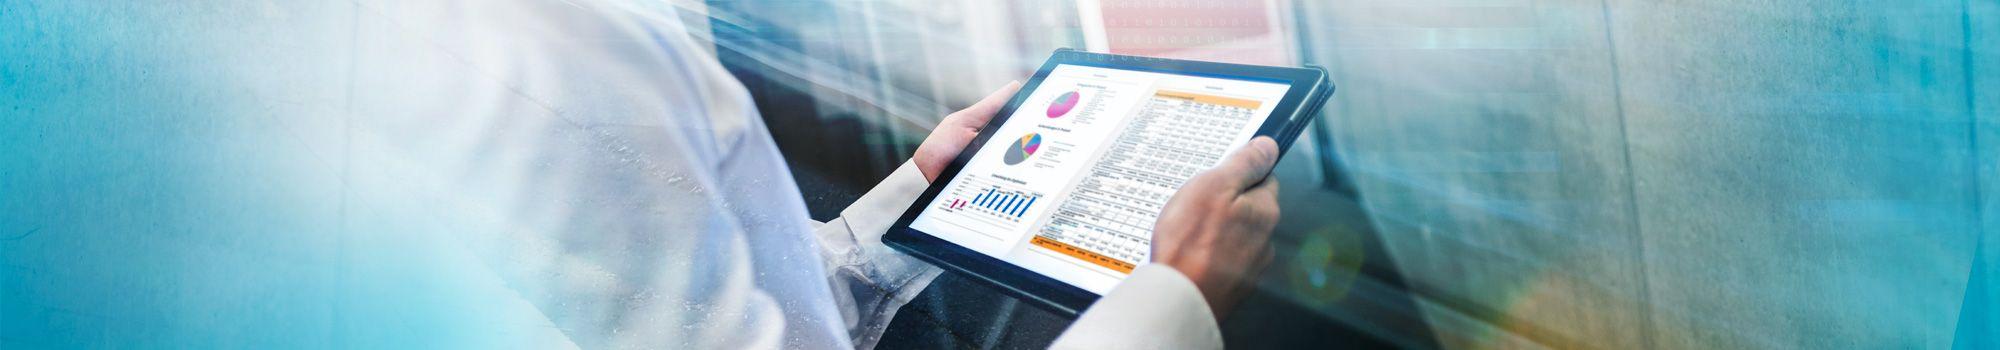 Flexible Module für effiziente Abläufe im Fachamt Kämmerei / Finanzverwaltung